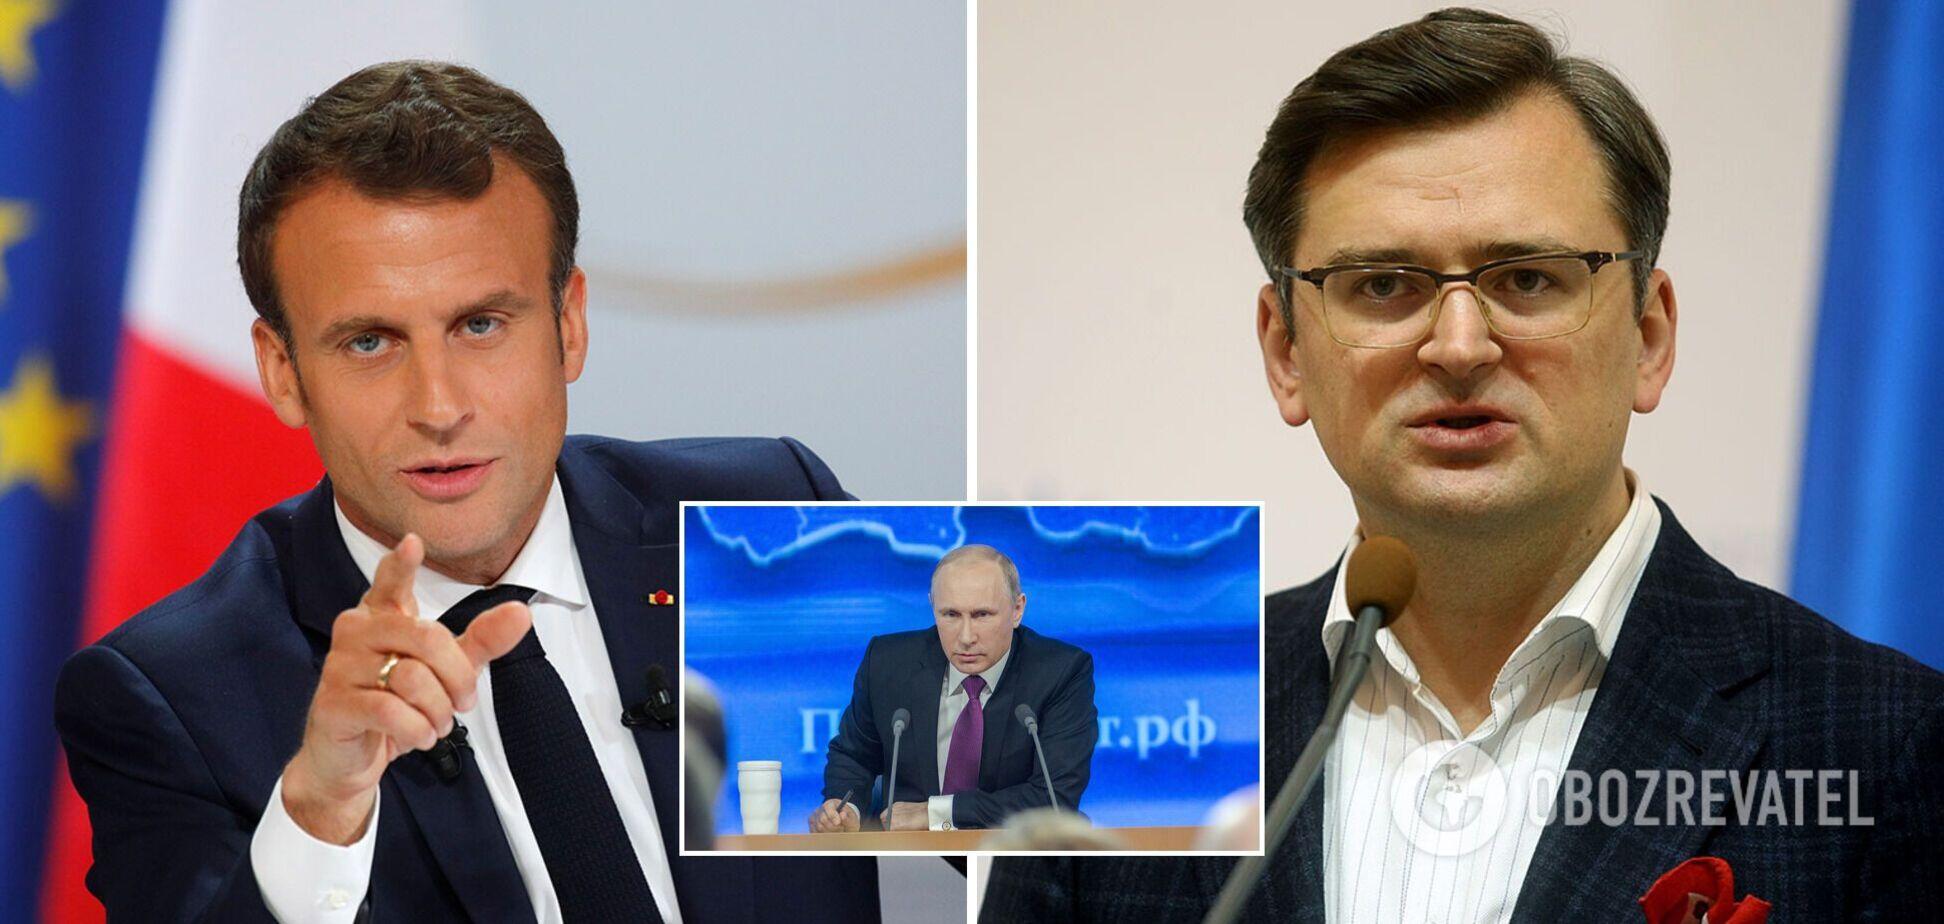 Кулеба призвал Макрона уговорить Путина на переговоры по Донбассу